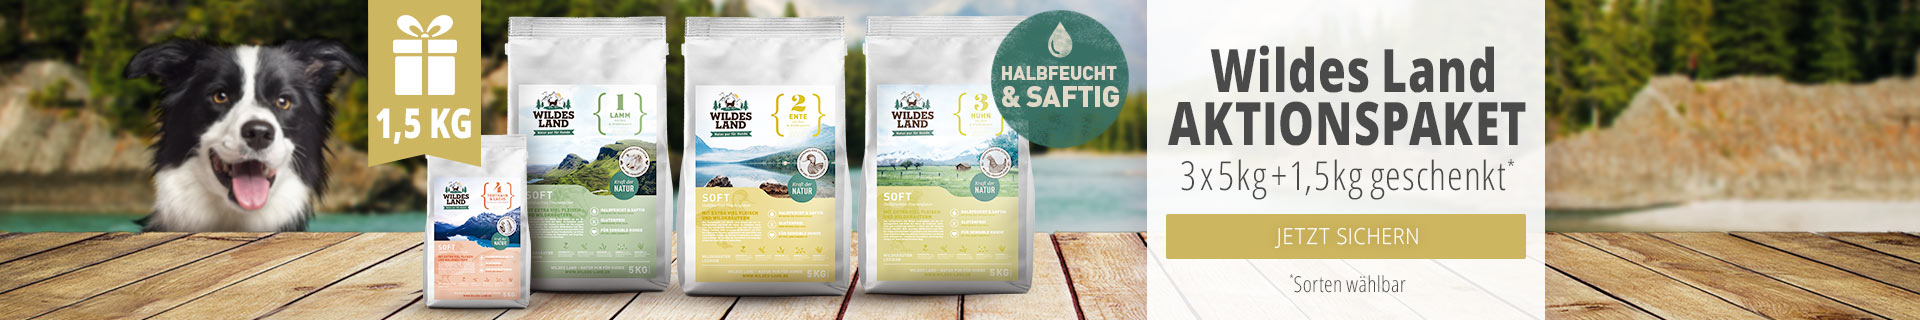 Wildes Land Hund Softfutter Aktionspaket - 3x5kg Säcke + 1,5kg geschenkt